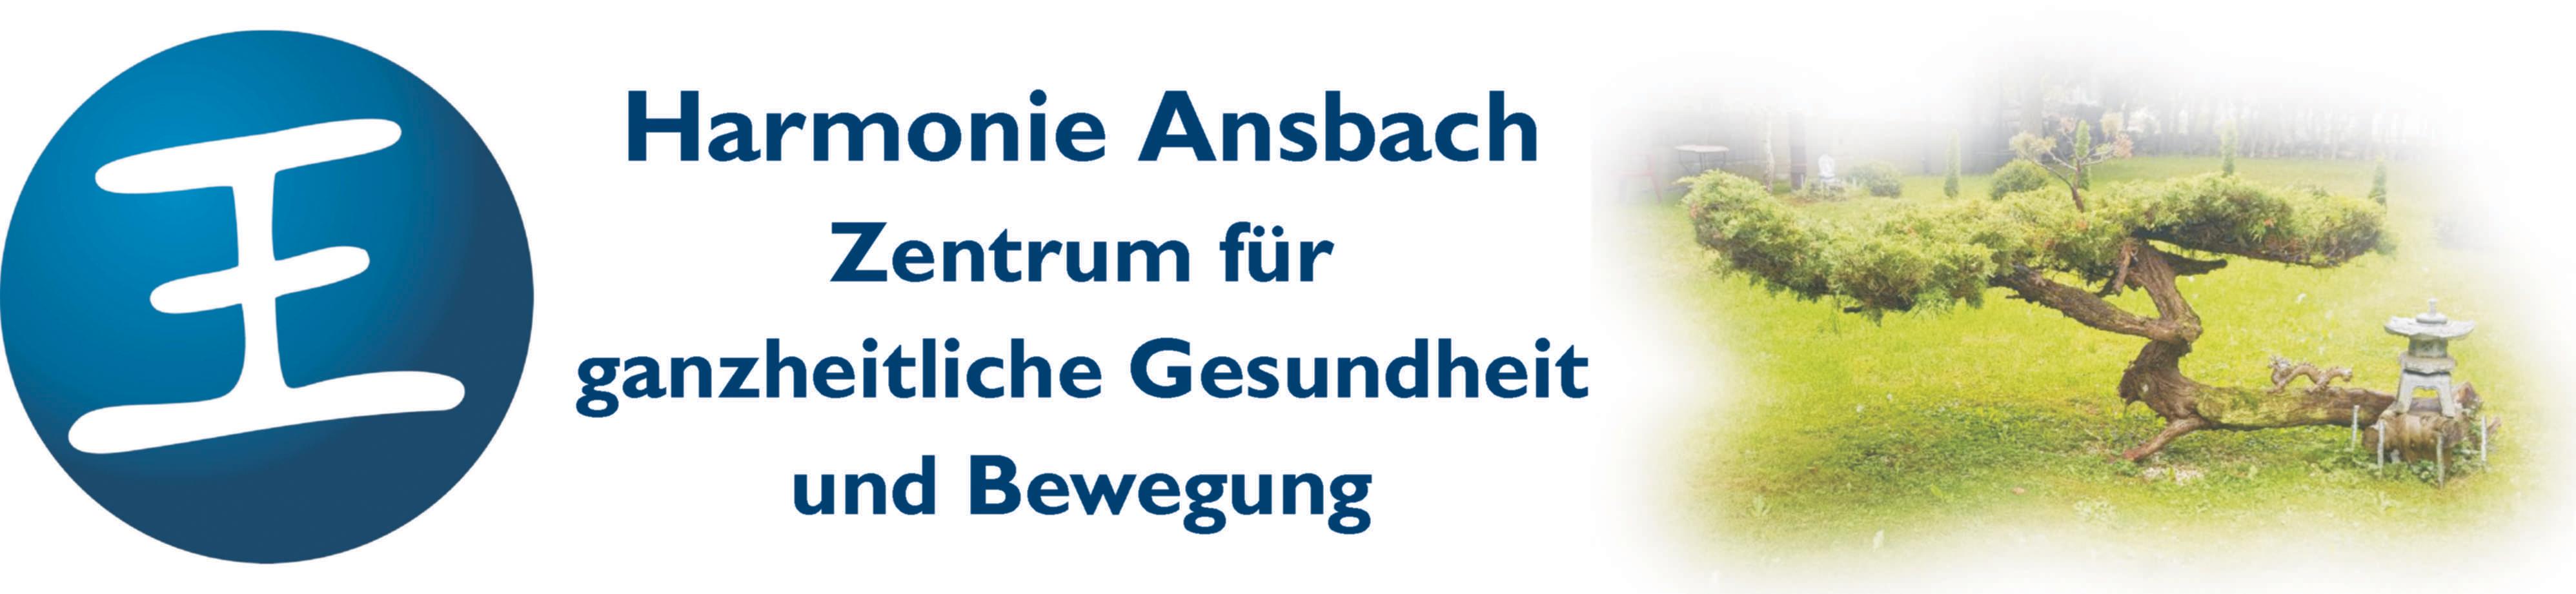 Harmonie Ansbach